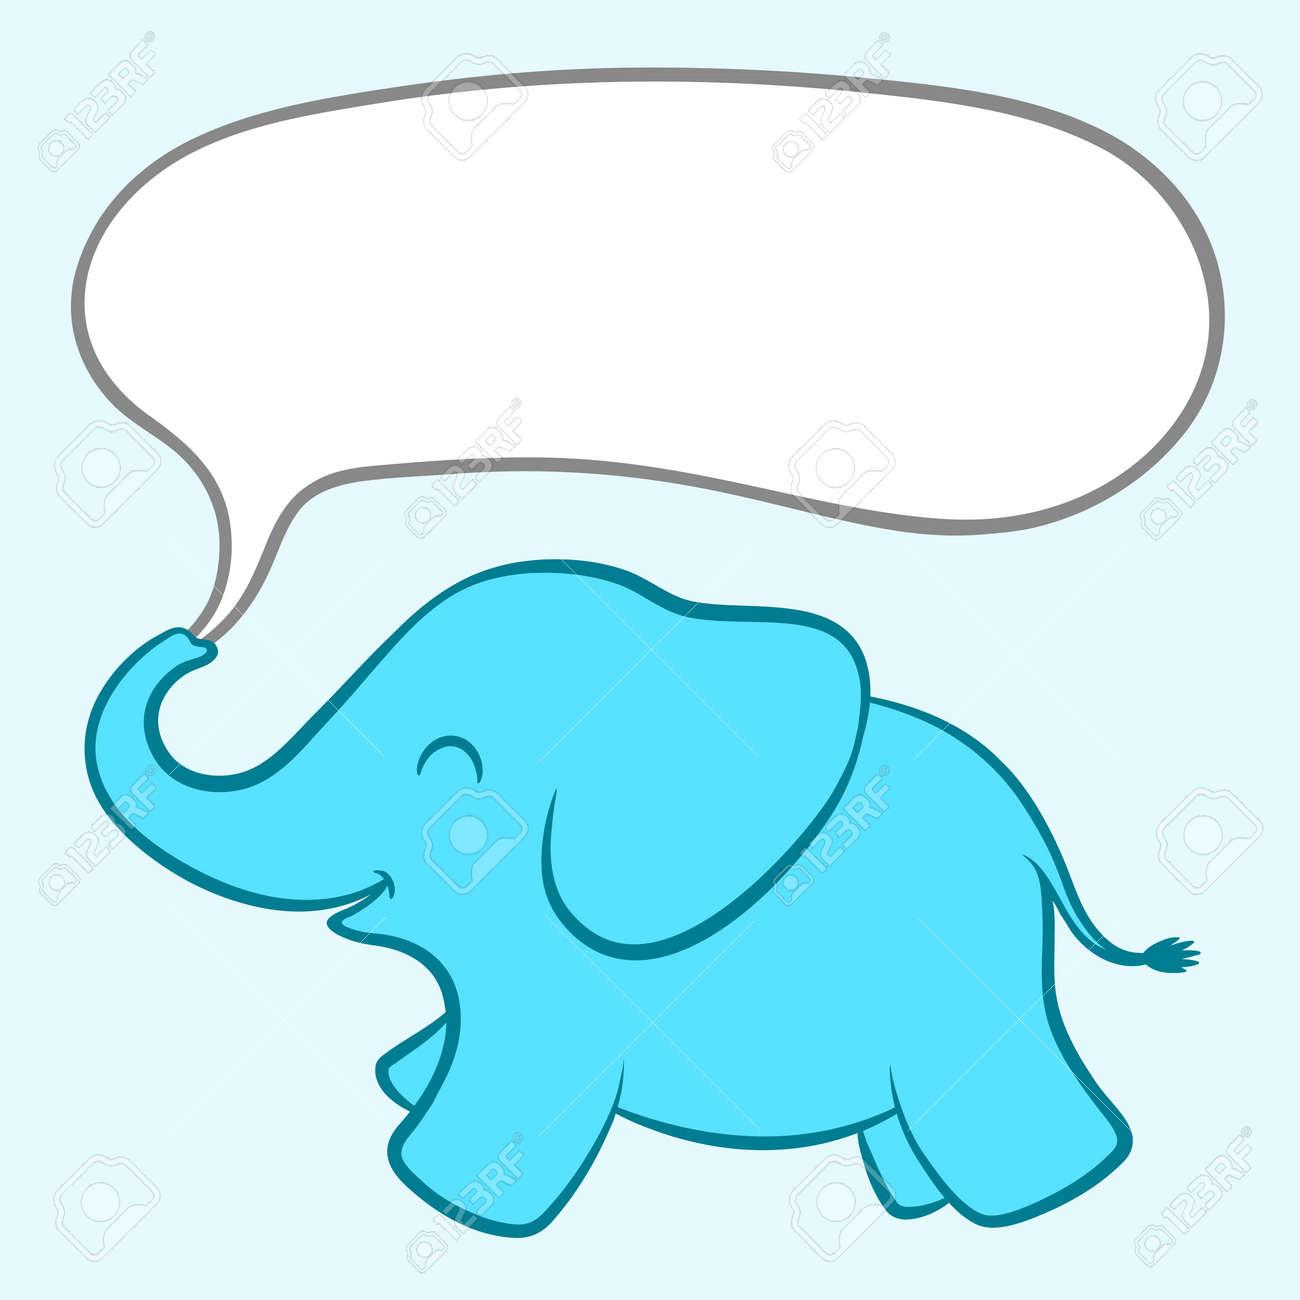 Ilustración De Dibujos Animados De Un Pequeño Bebé Elefante Azul